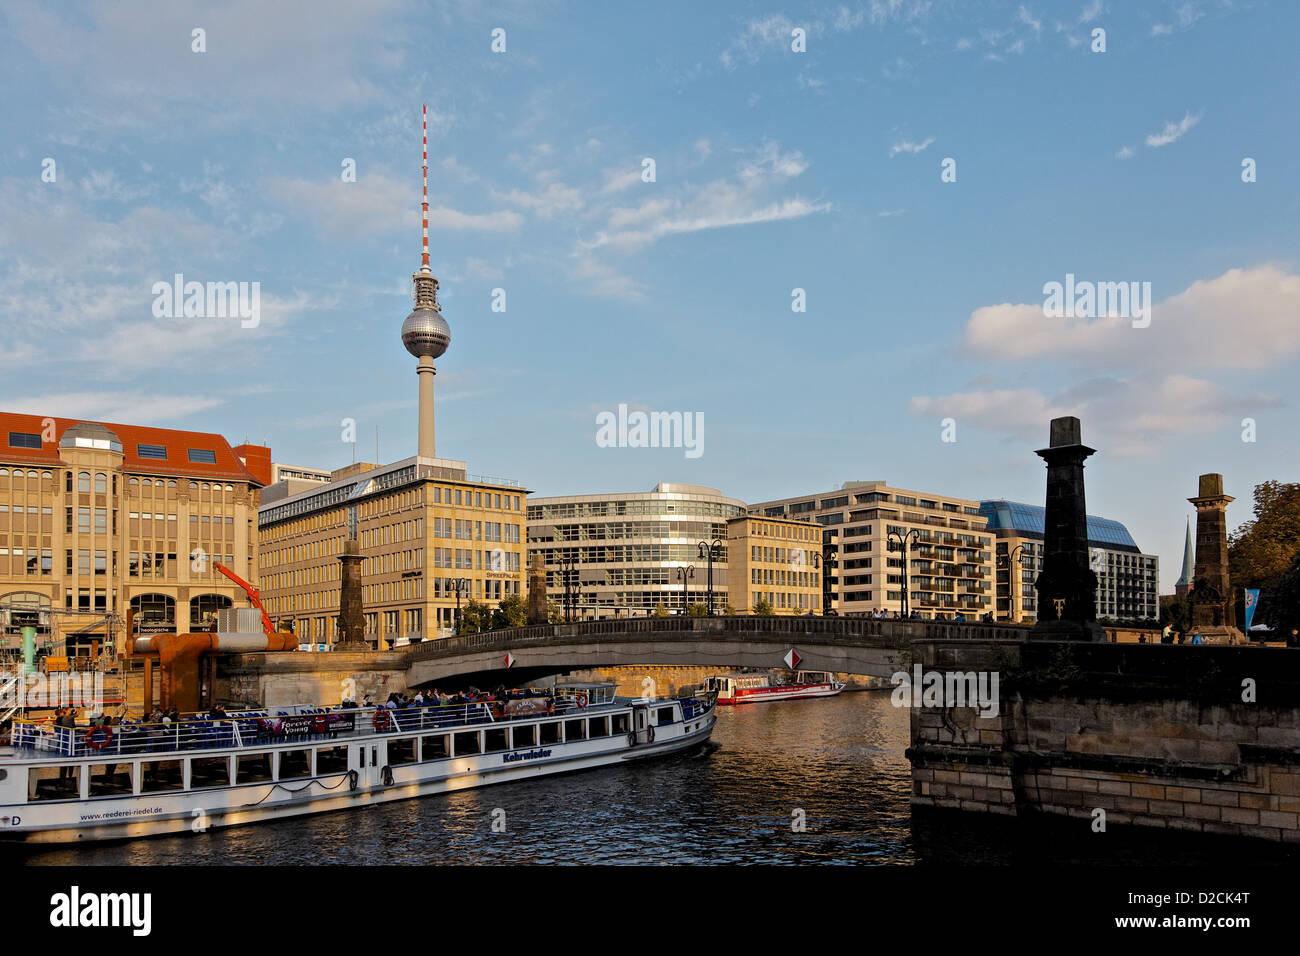 Vergnügungsschiff auf dem Rover Spree, Berlin Stockfoto